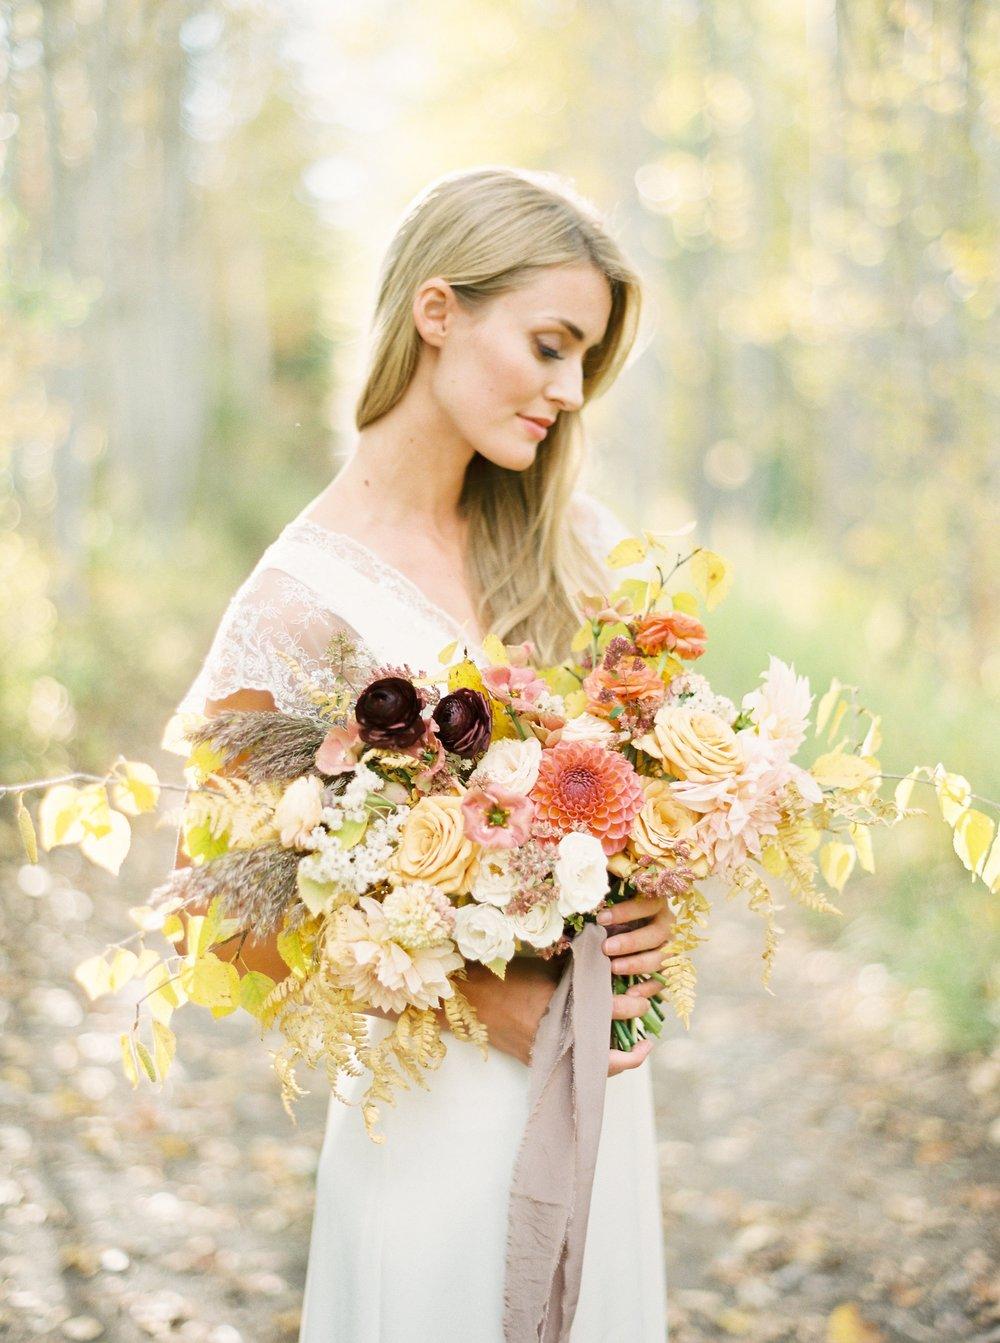 RebeccaHollis-bouquets_153.jpg